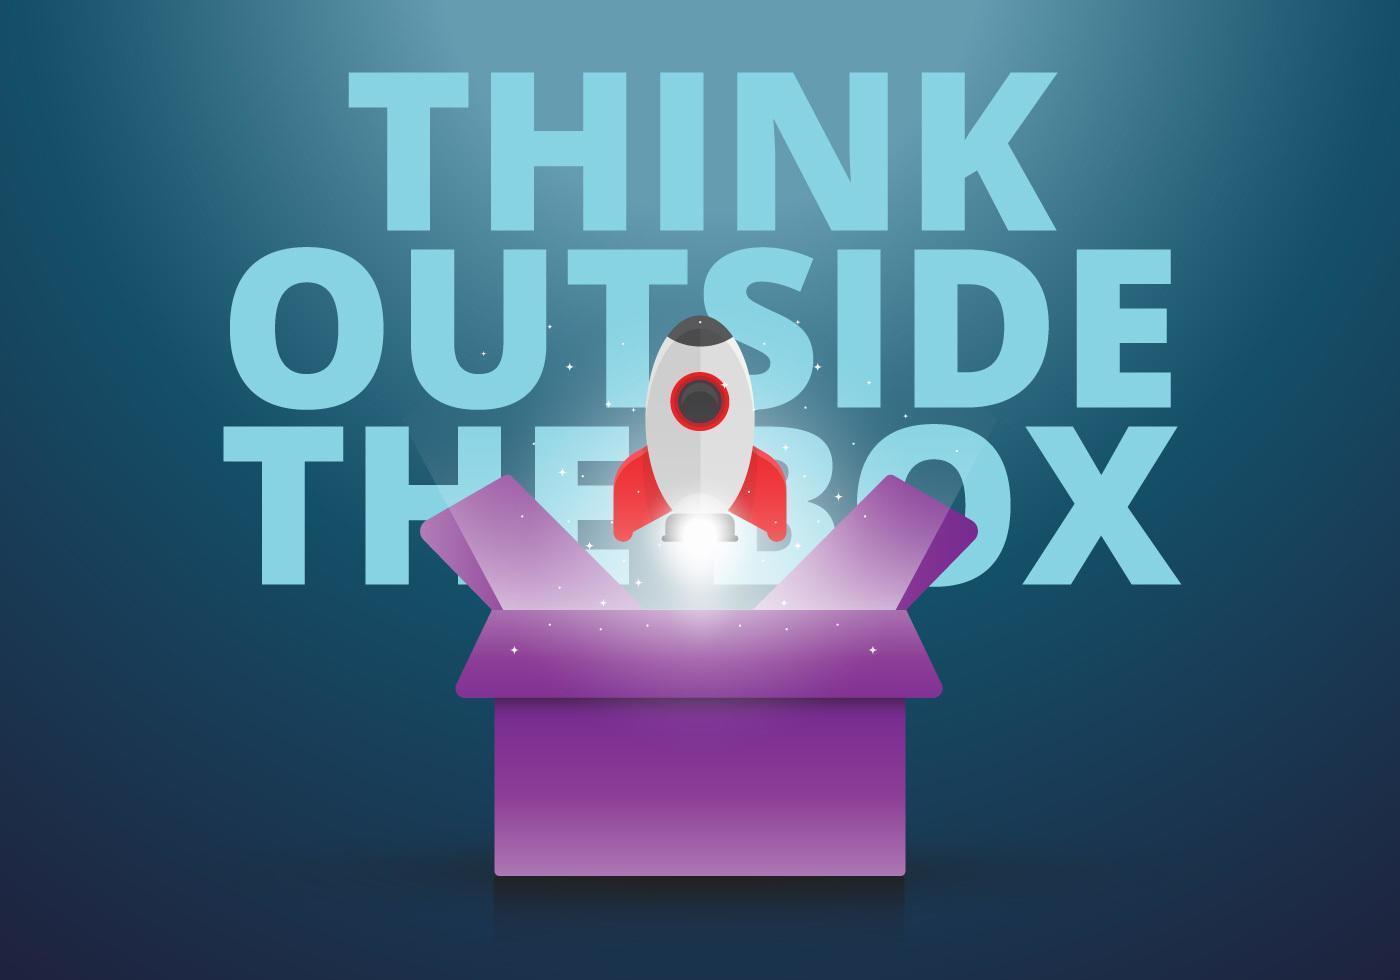 Denk buiten de doos in creatieve stijl, kaarten van aanmoediging met positieve tekst en ruimte, planeet, sterren in creatieve stijlen